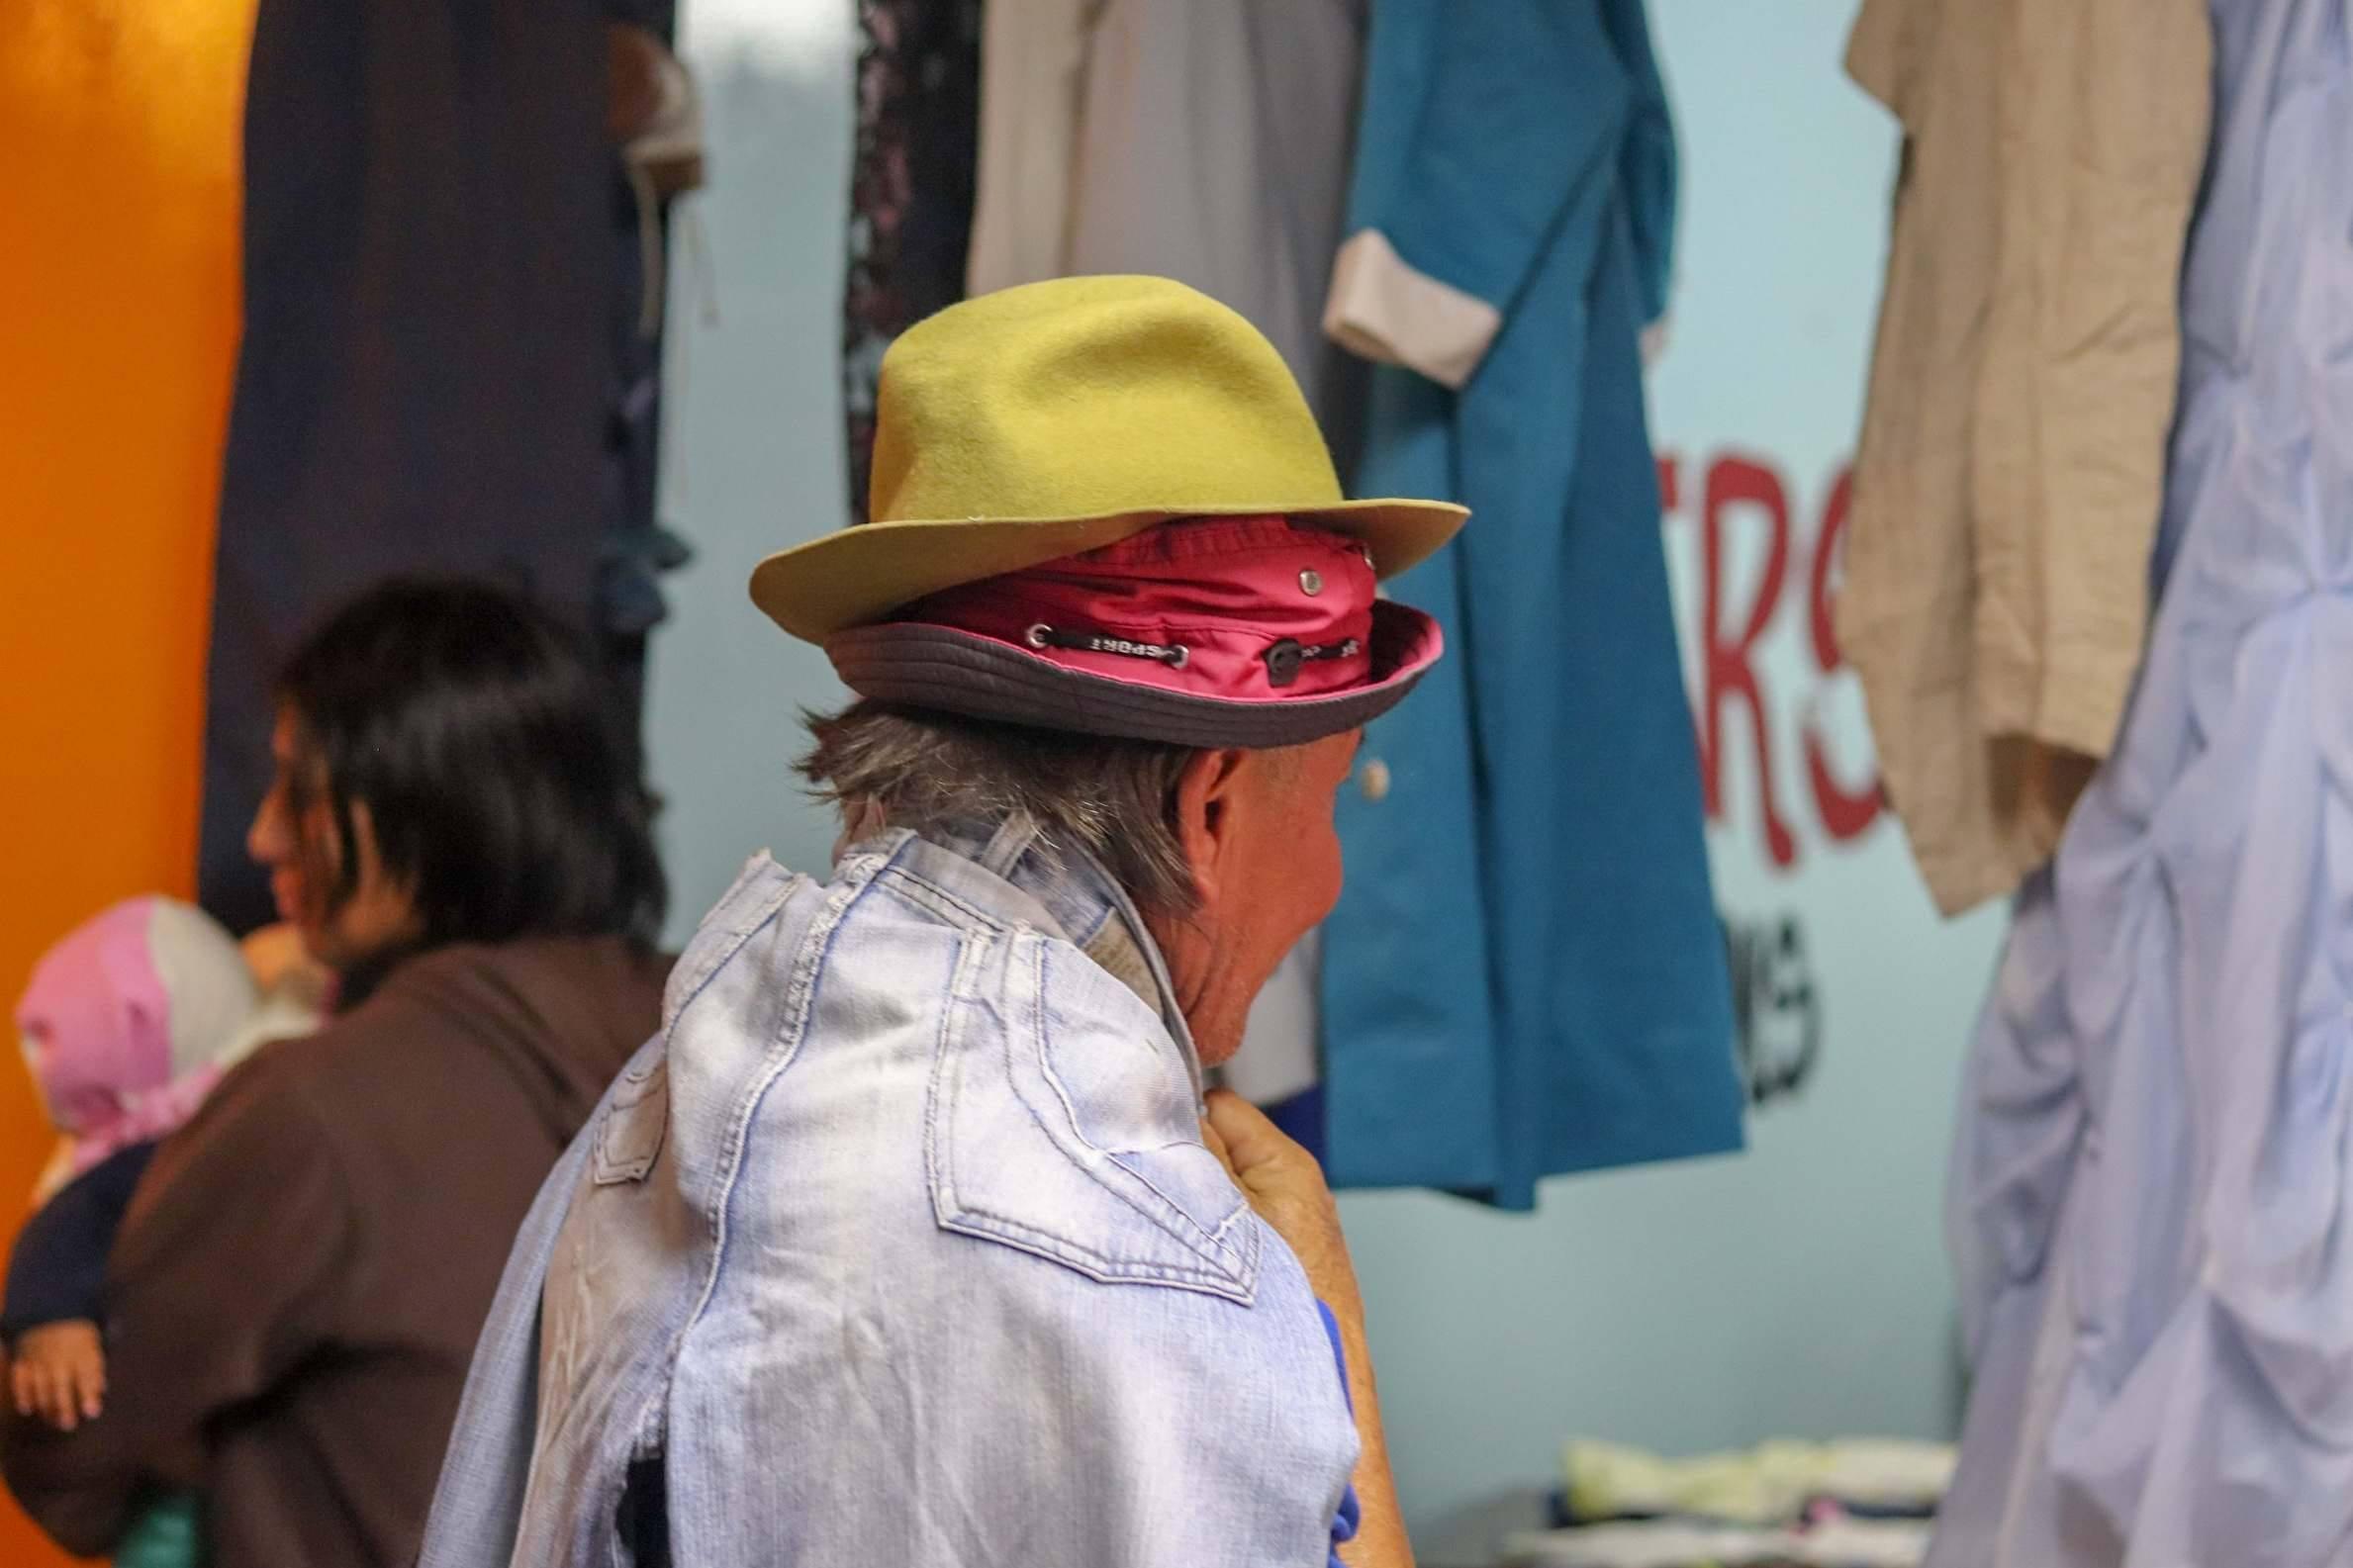 Op 13 oktober organiseerden we wederom een rommelmarkt in projectwijk Villaflora. Deze vrouw wilde alles wel meenemen en paste verschillende kledingstukken tegelijkertijd.